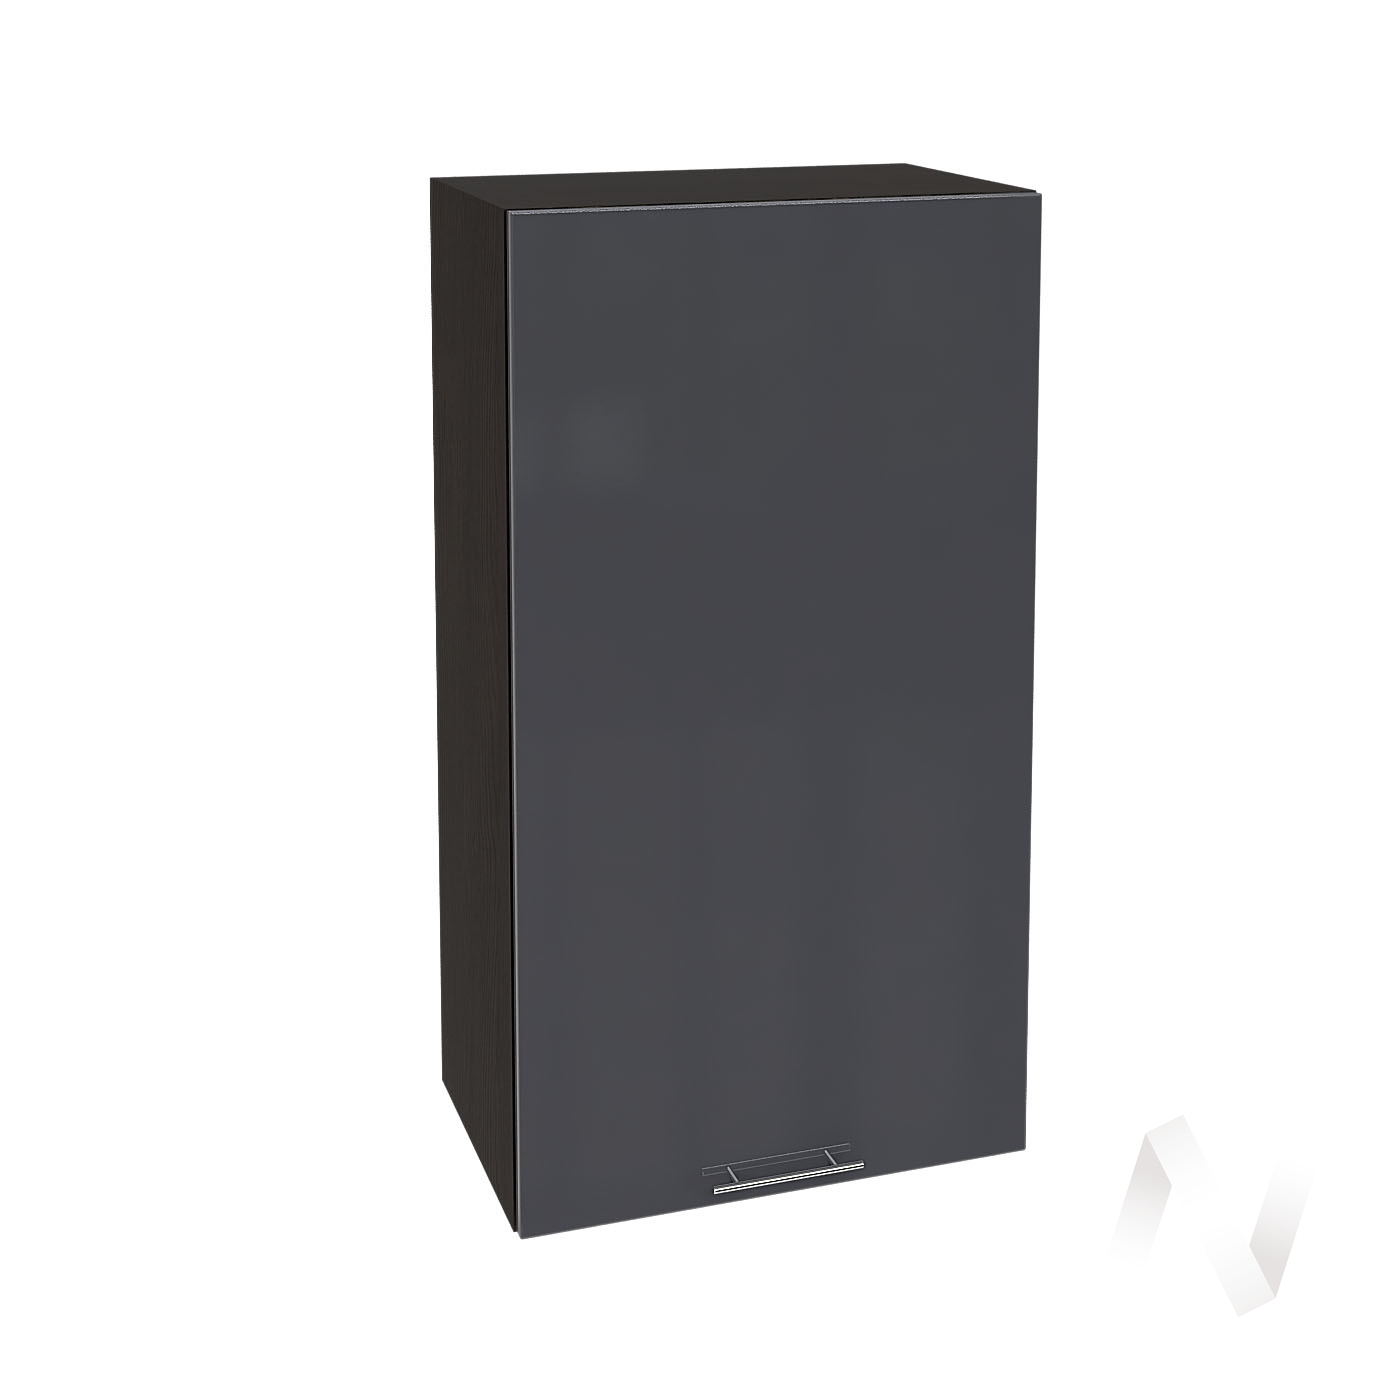 """Кухня """"Валерия-М"""": Шкаф верхний 509, ШВ 509 (Антрацит глянец/корпус венге)"""